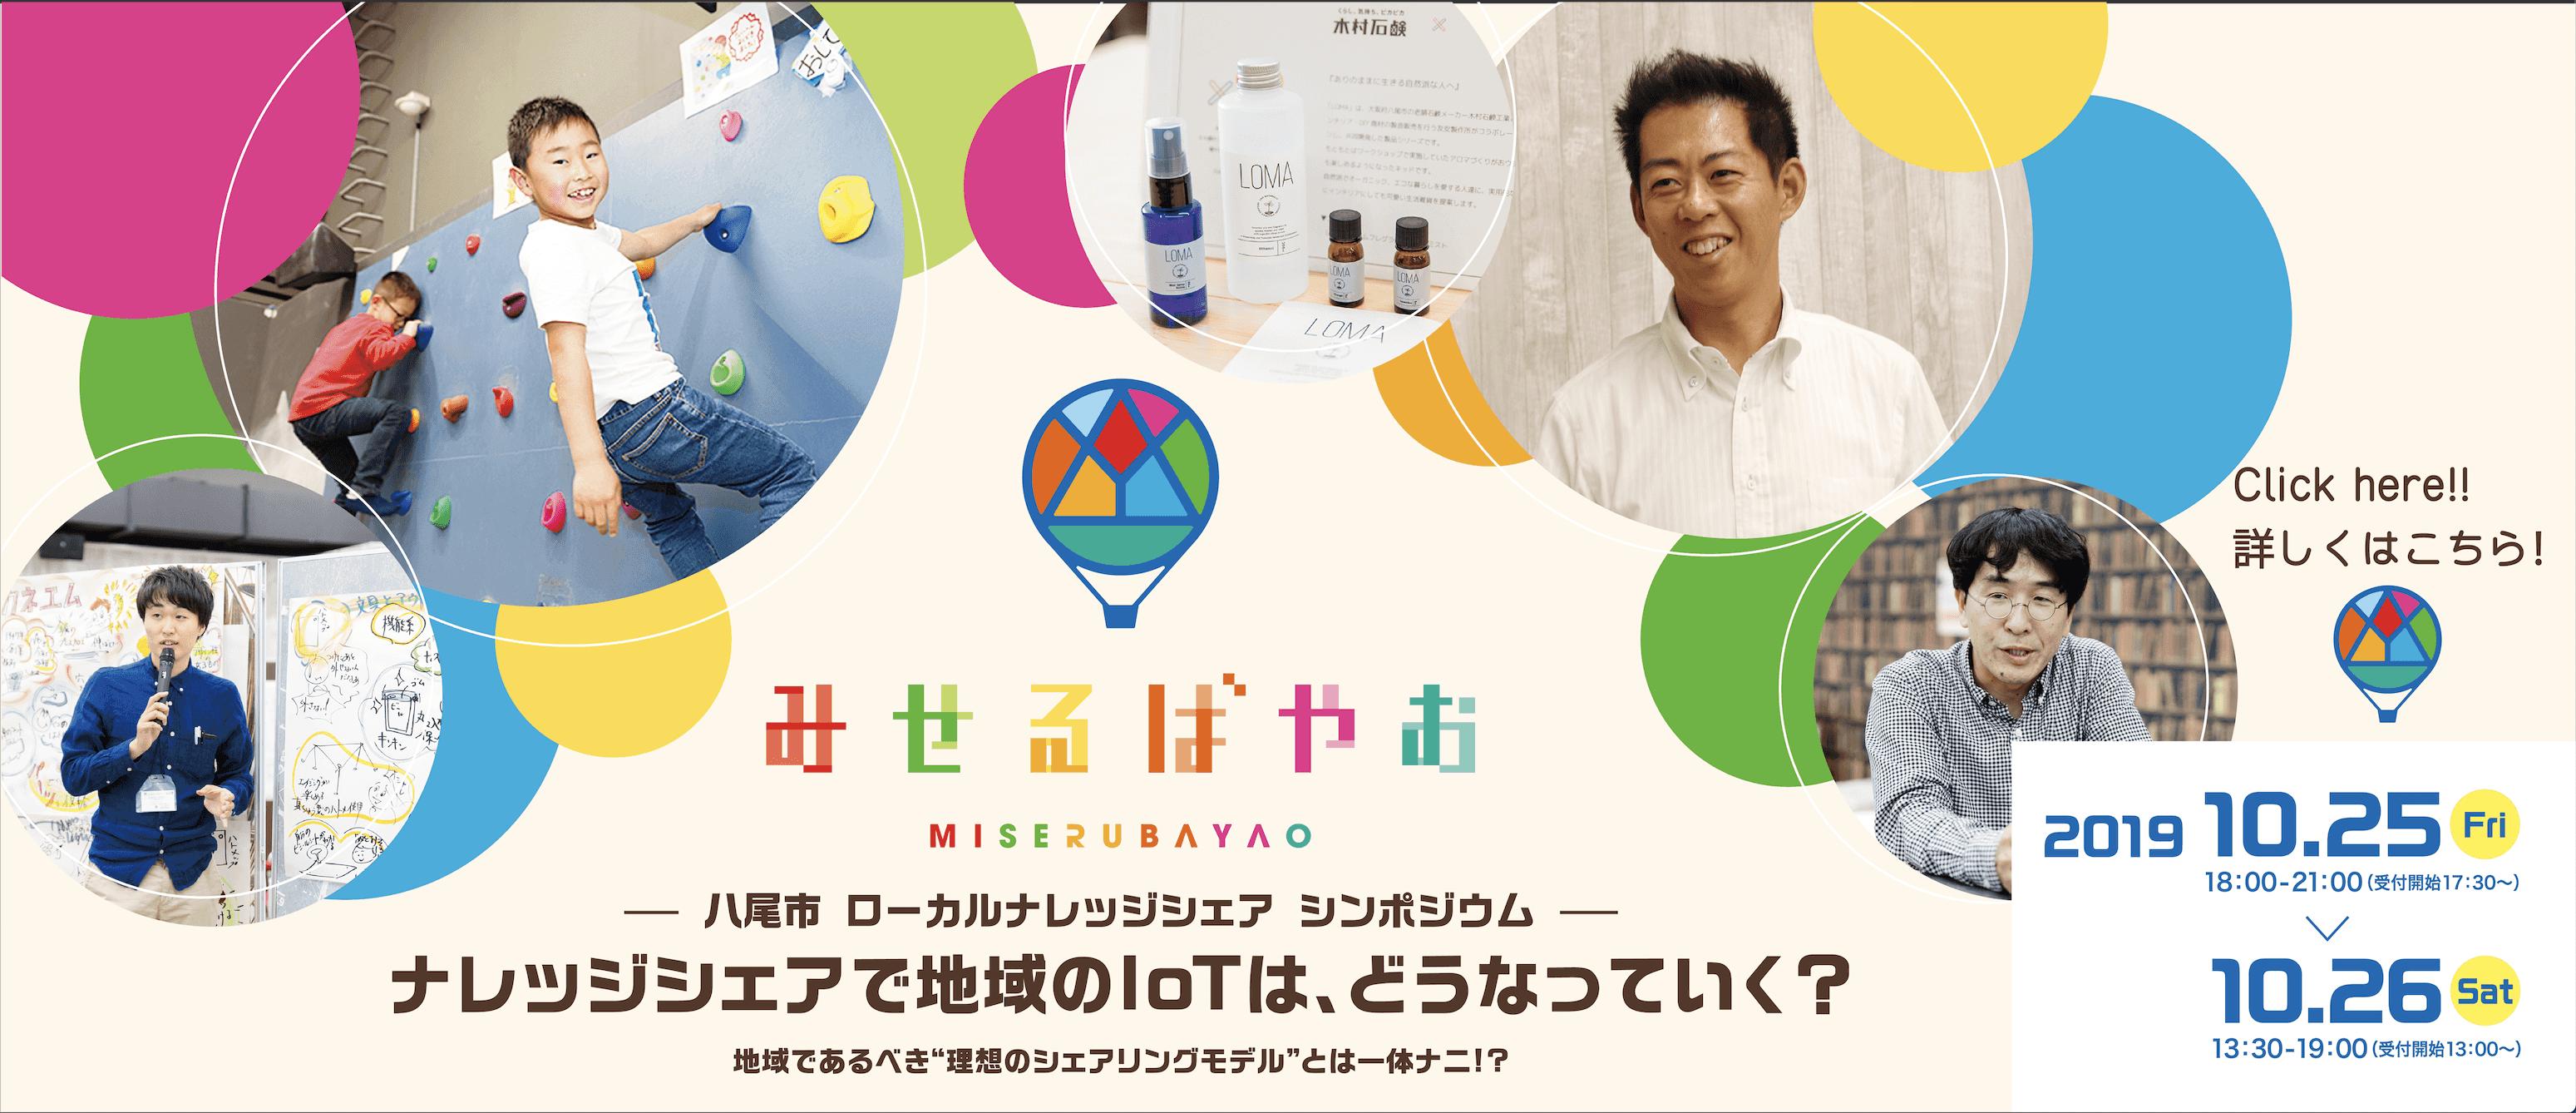 http://miseruba-yao.jp/news/1stAnniversary.html